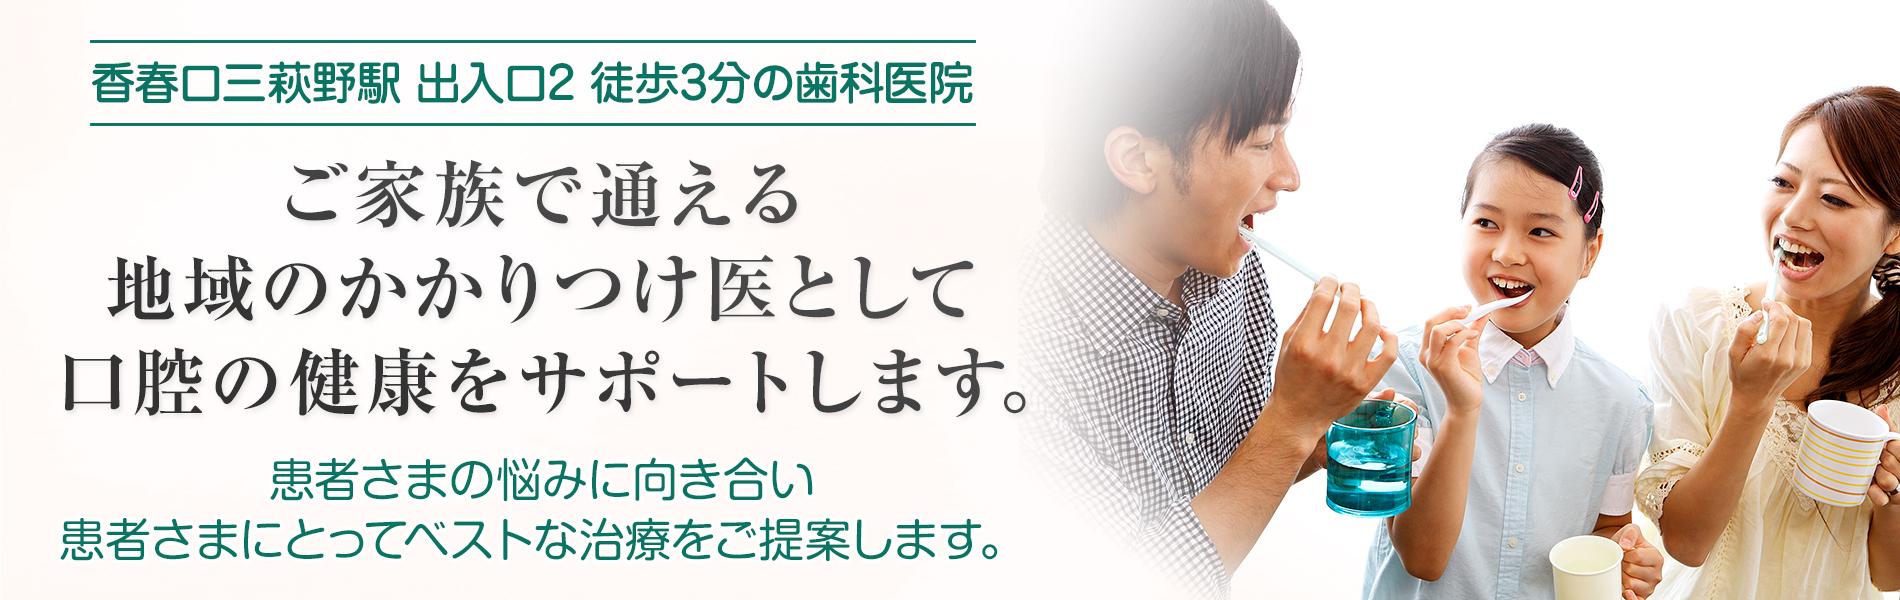 ご家族で通える地域のかかりつけ医として口腔の健康をサポートします